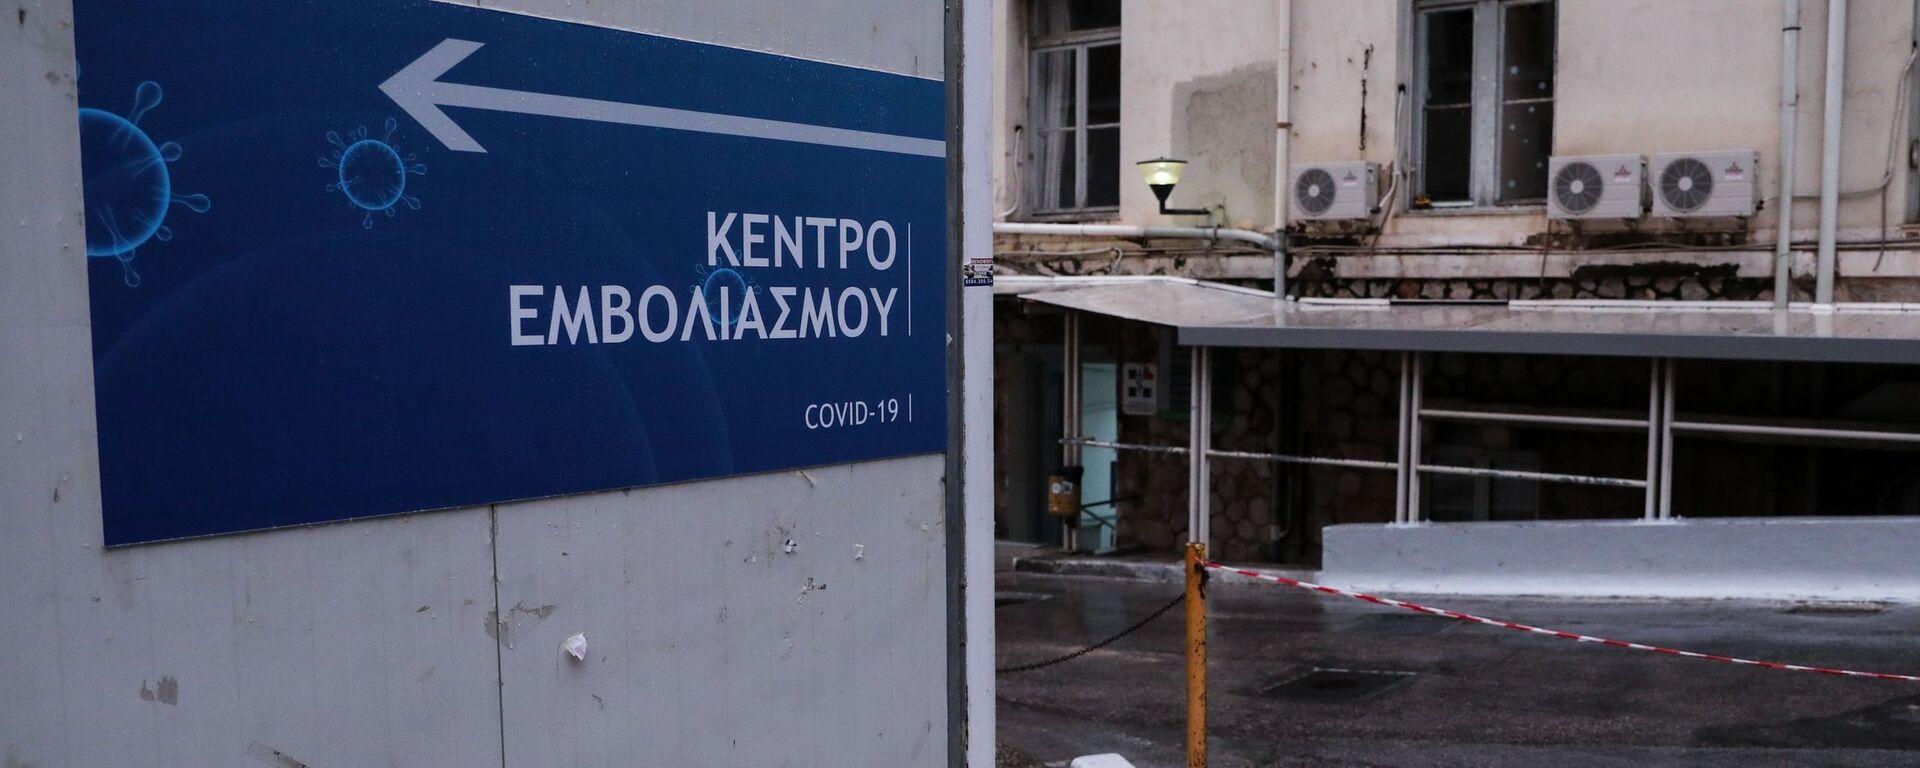 Εμβολιασμός για τους άνω των 85 ετών - Sputnik Ελλάδα, 1920, 08.09.2021